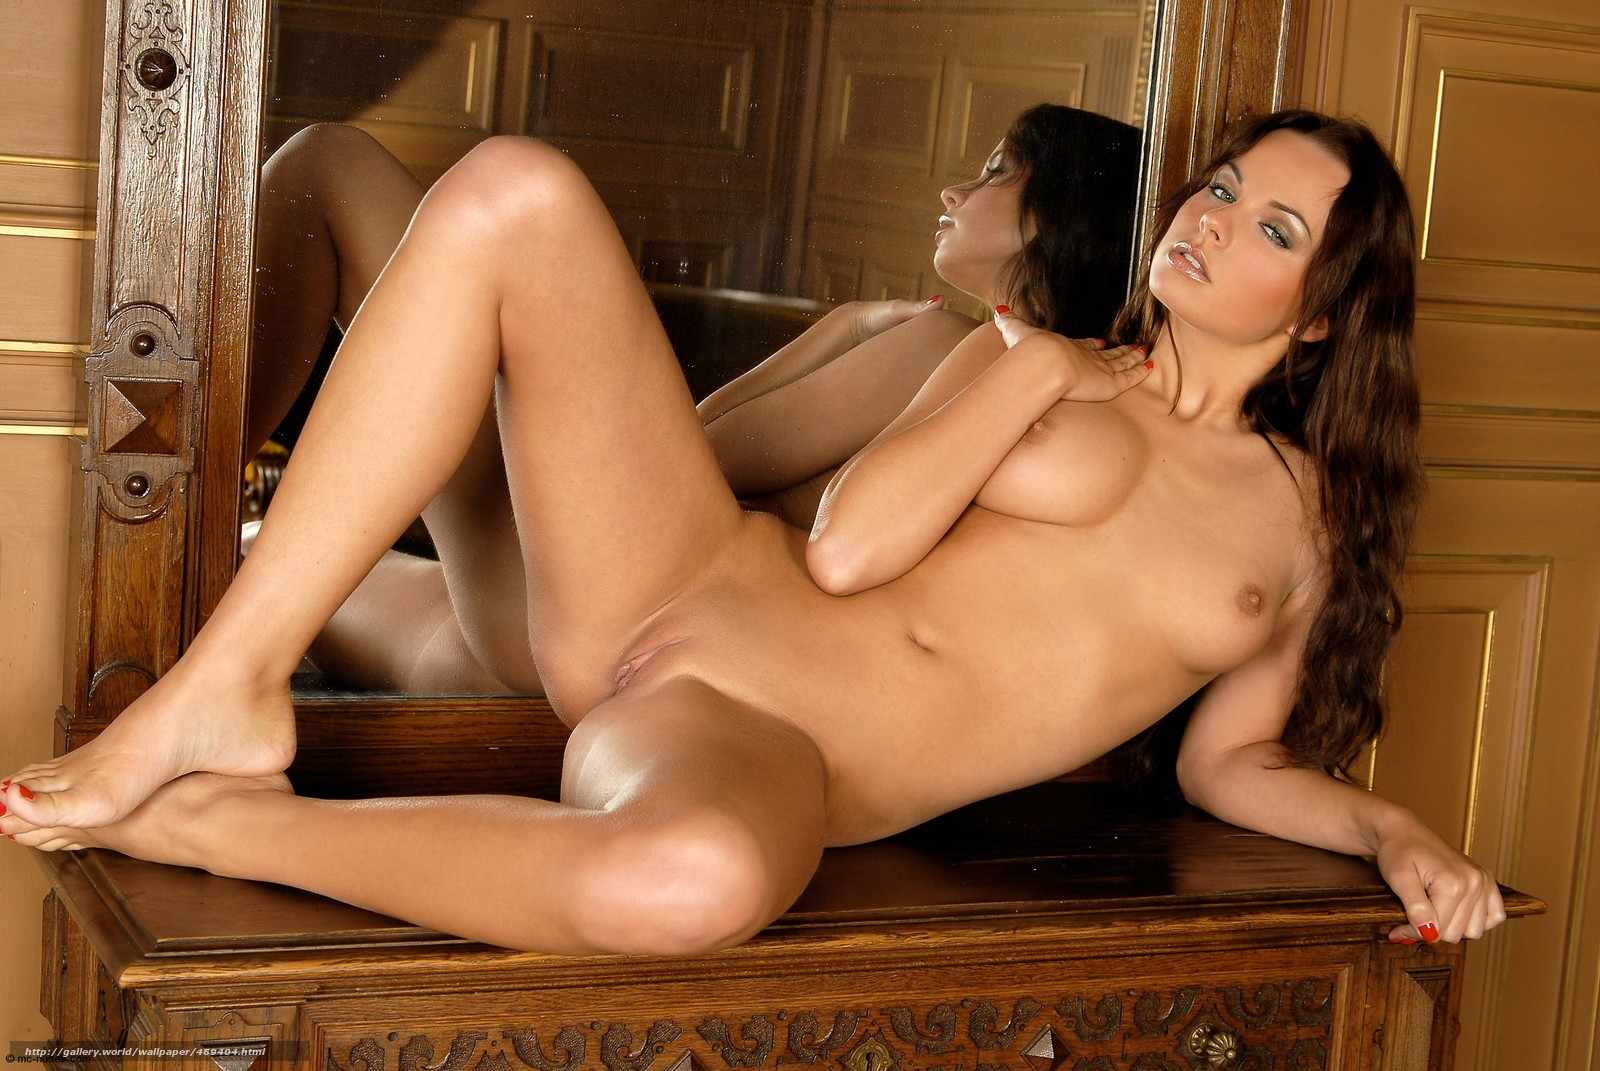 Galery nudes 3d konoichi nude film